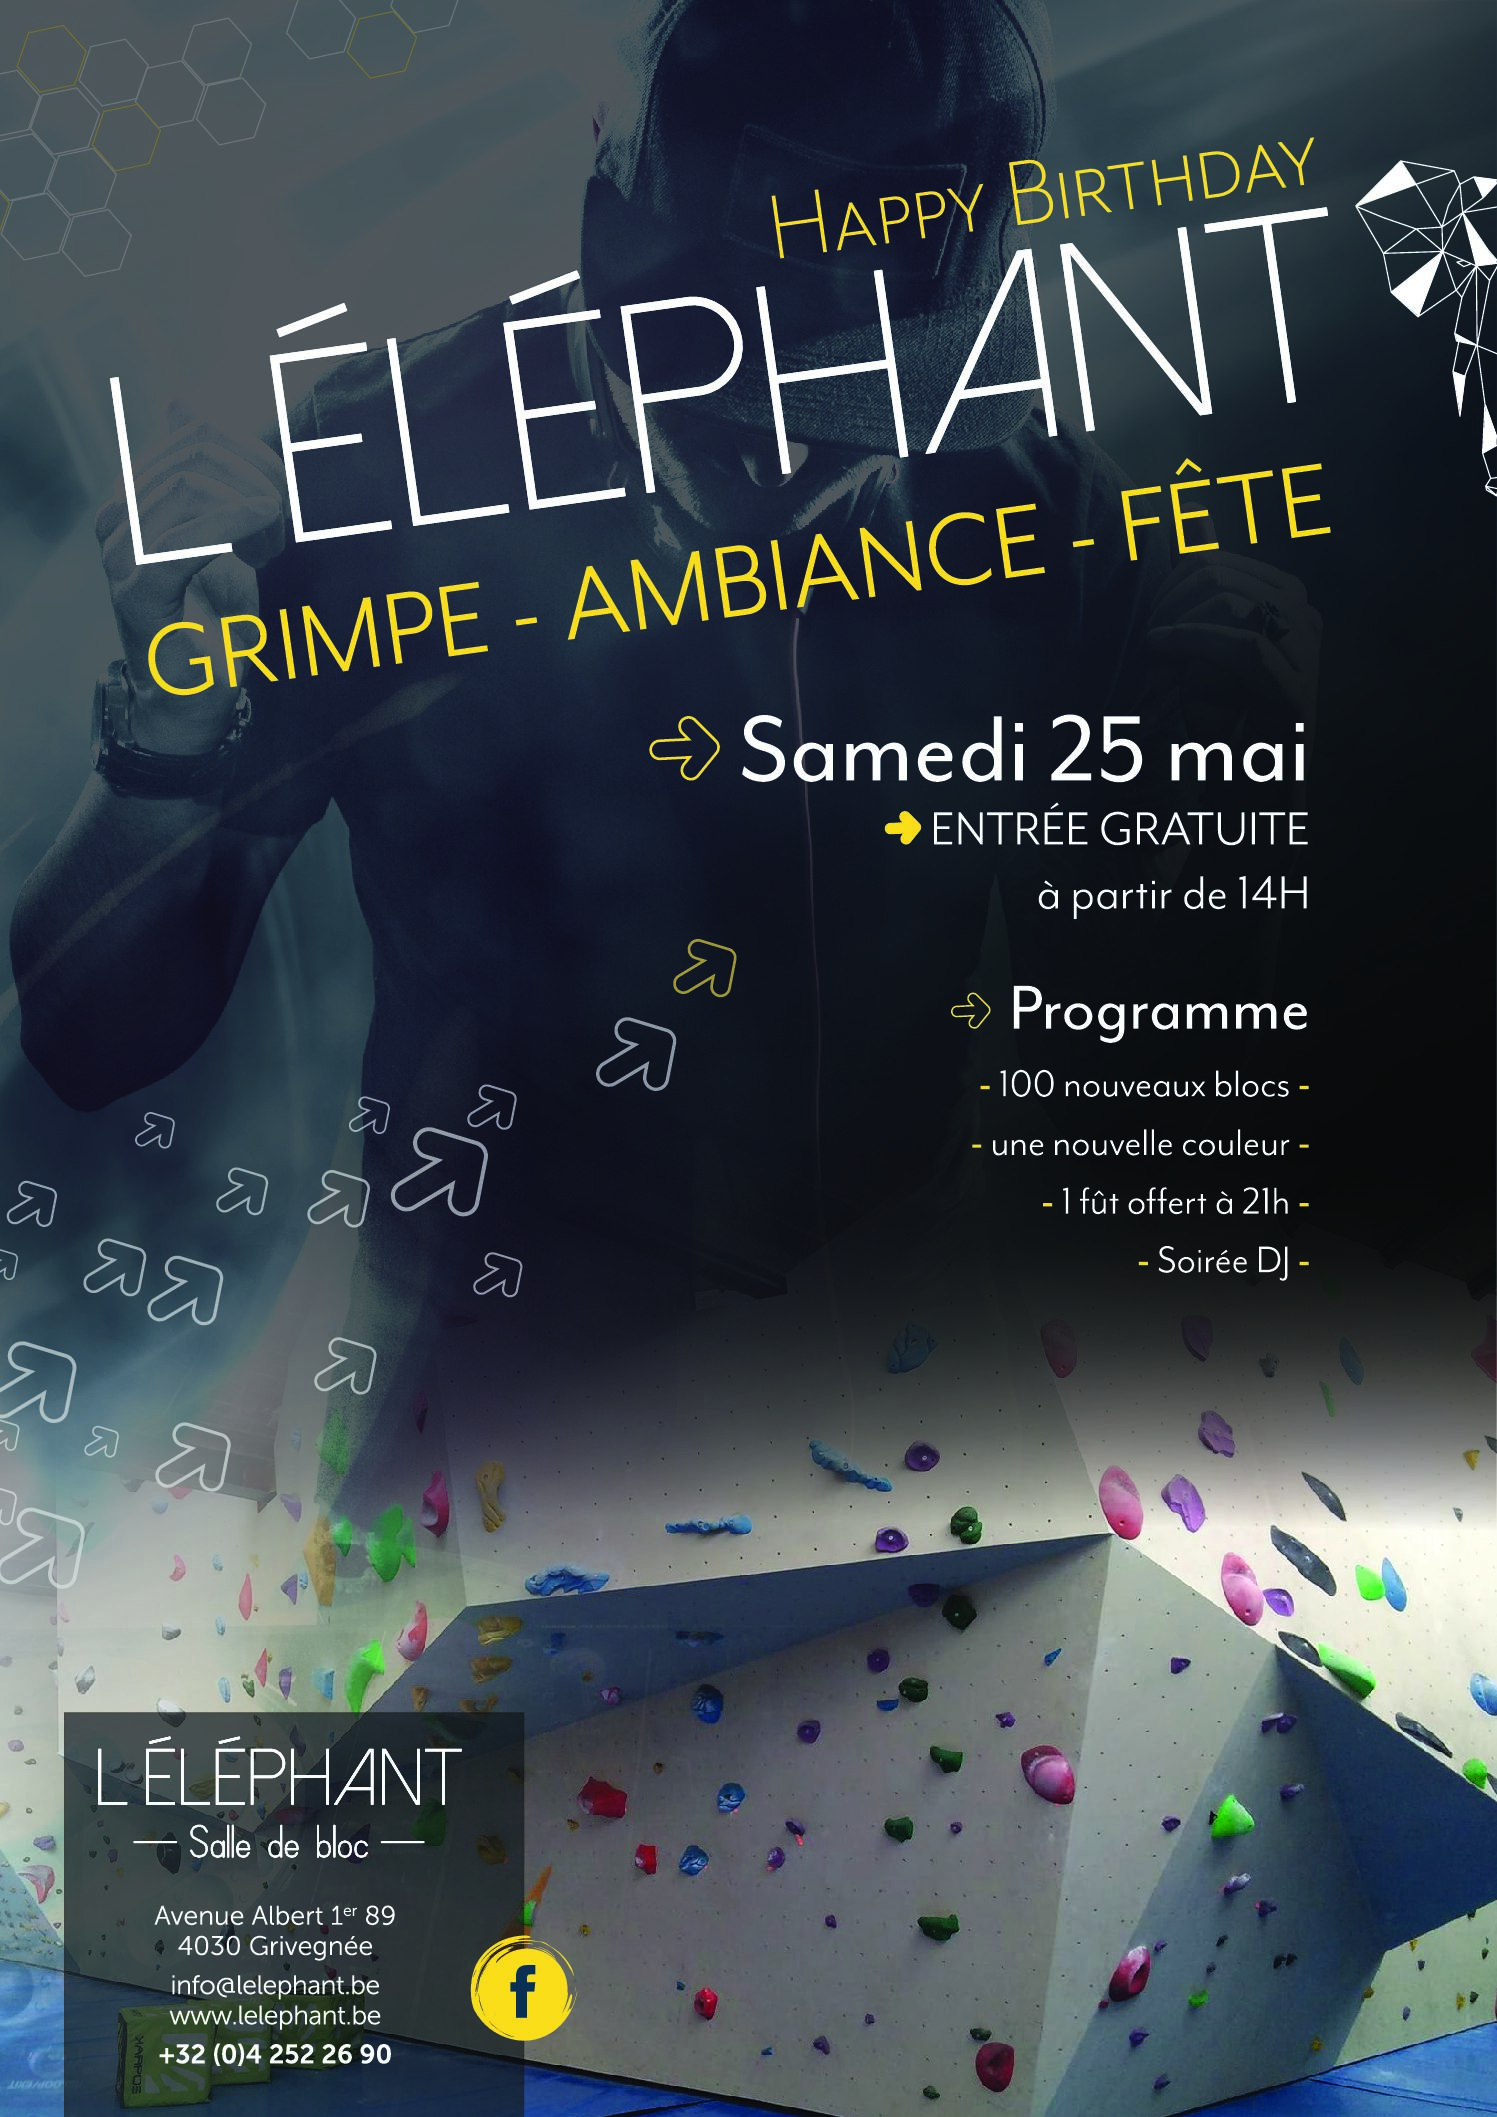 Venez fêter avec nous l'anniversaire de la salle d'escalade l'éléphant !